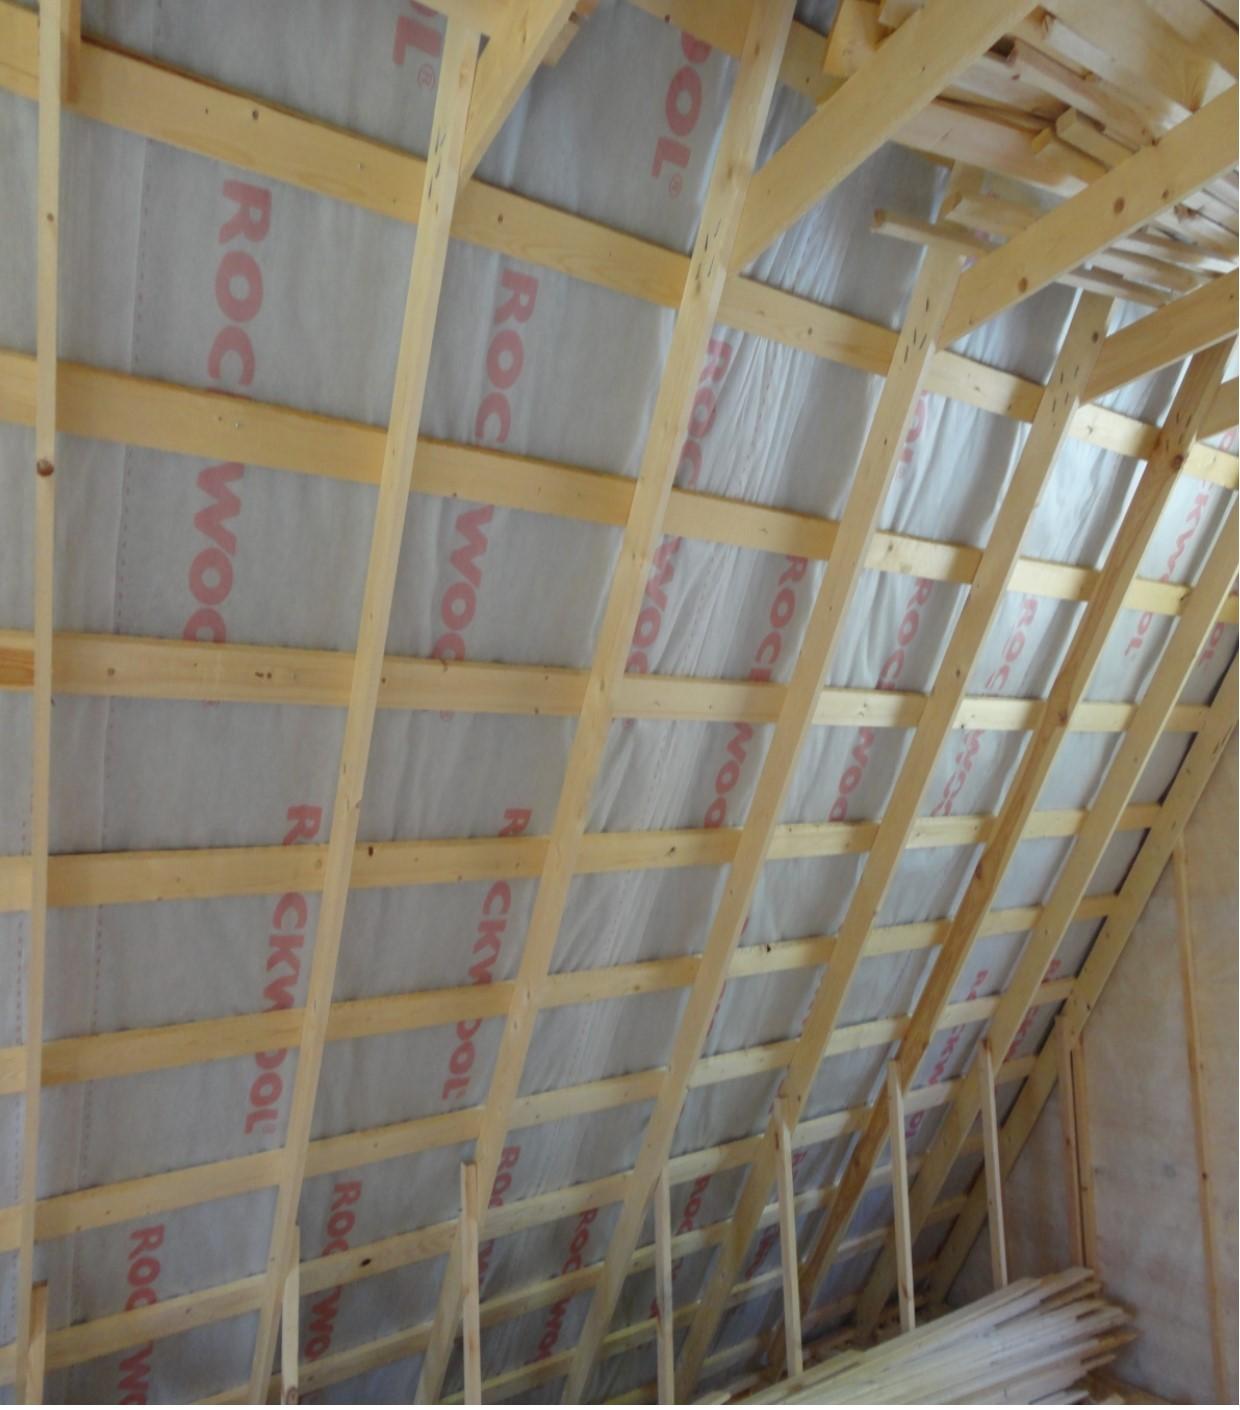 Утепление крыши изнутри пенопластом: описание и характеристика материала, этапы монтажа + видео и отзывы